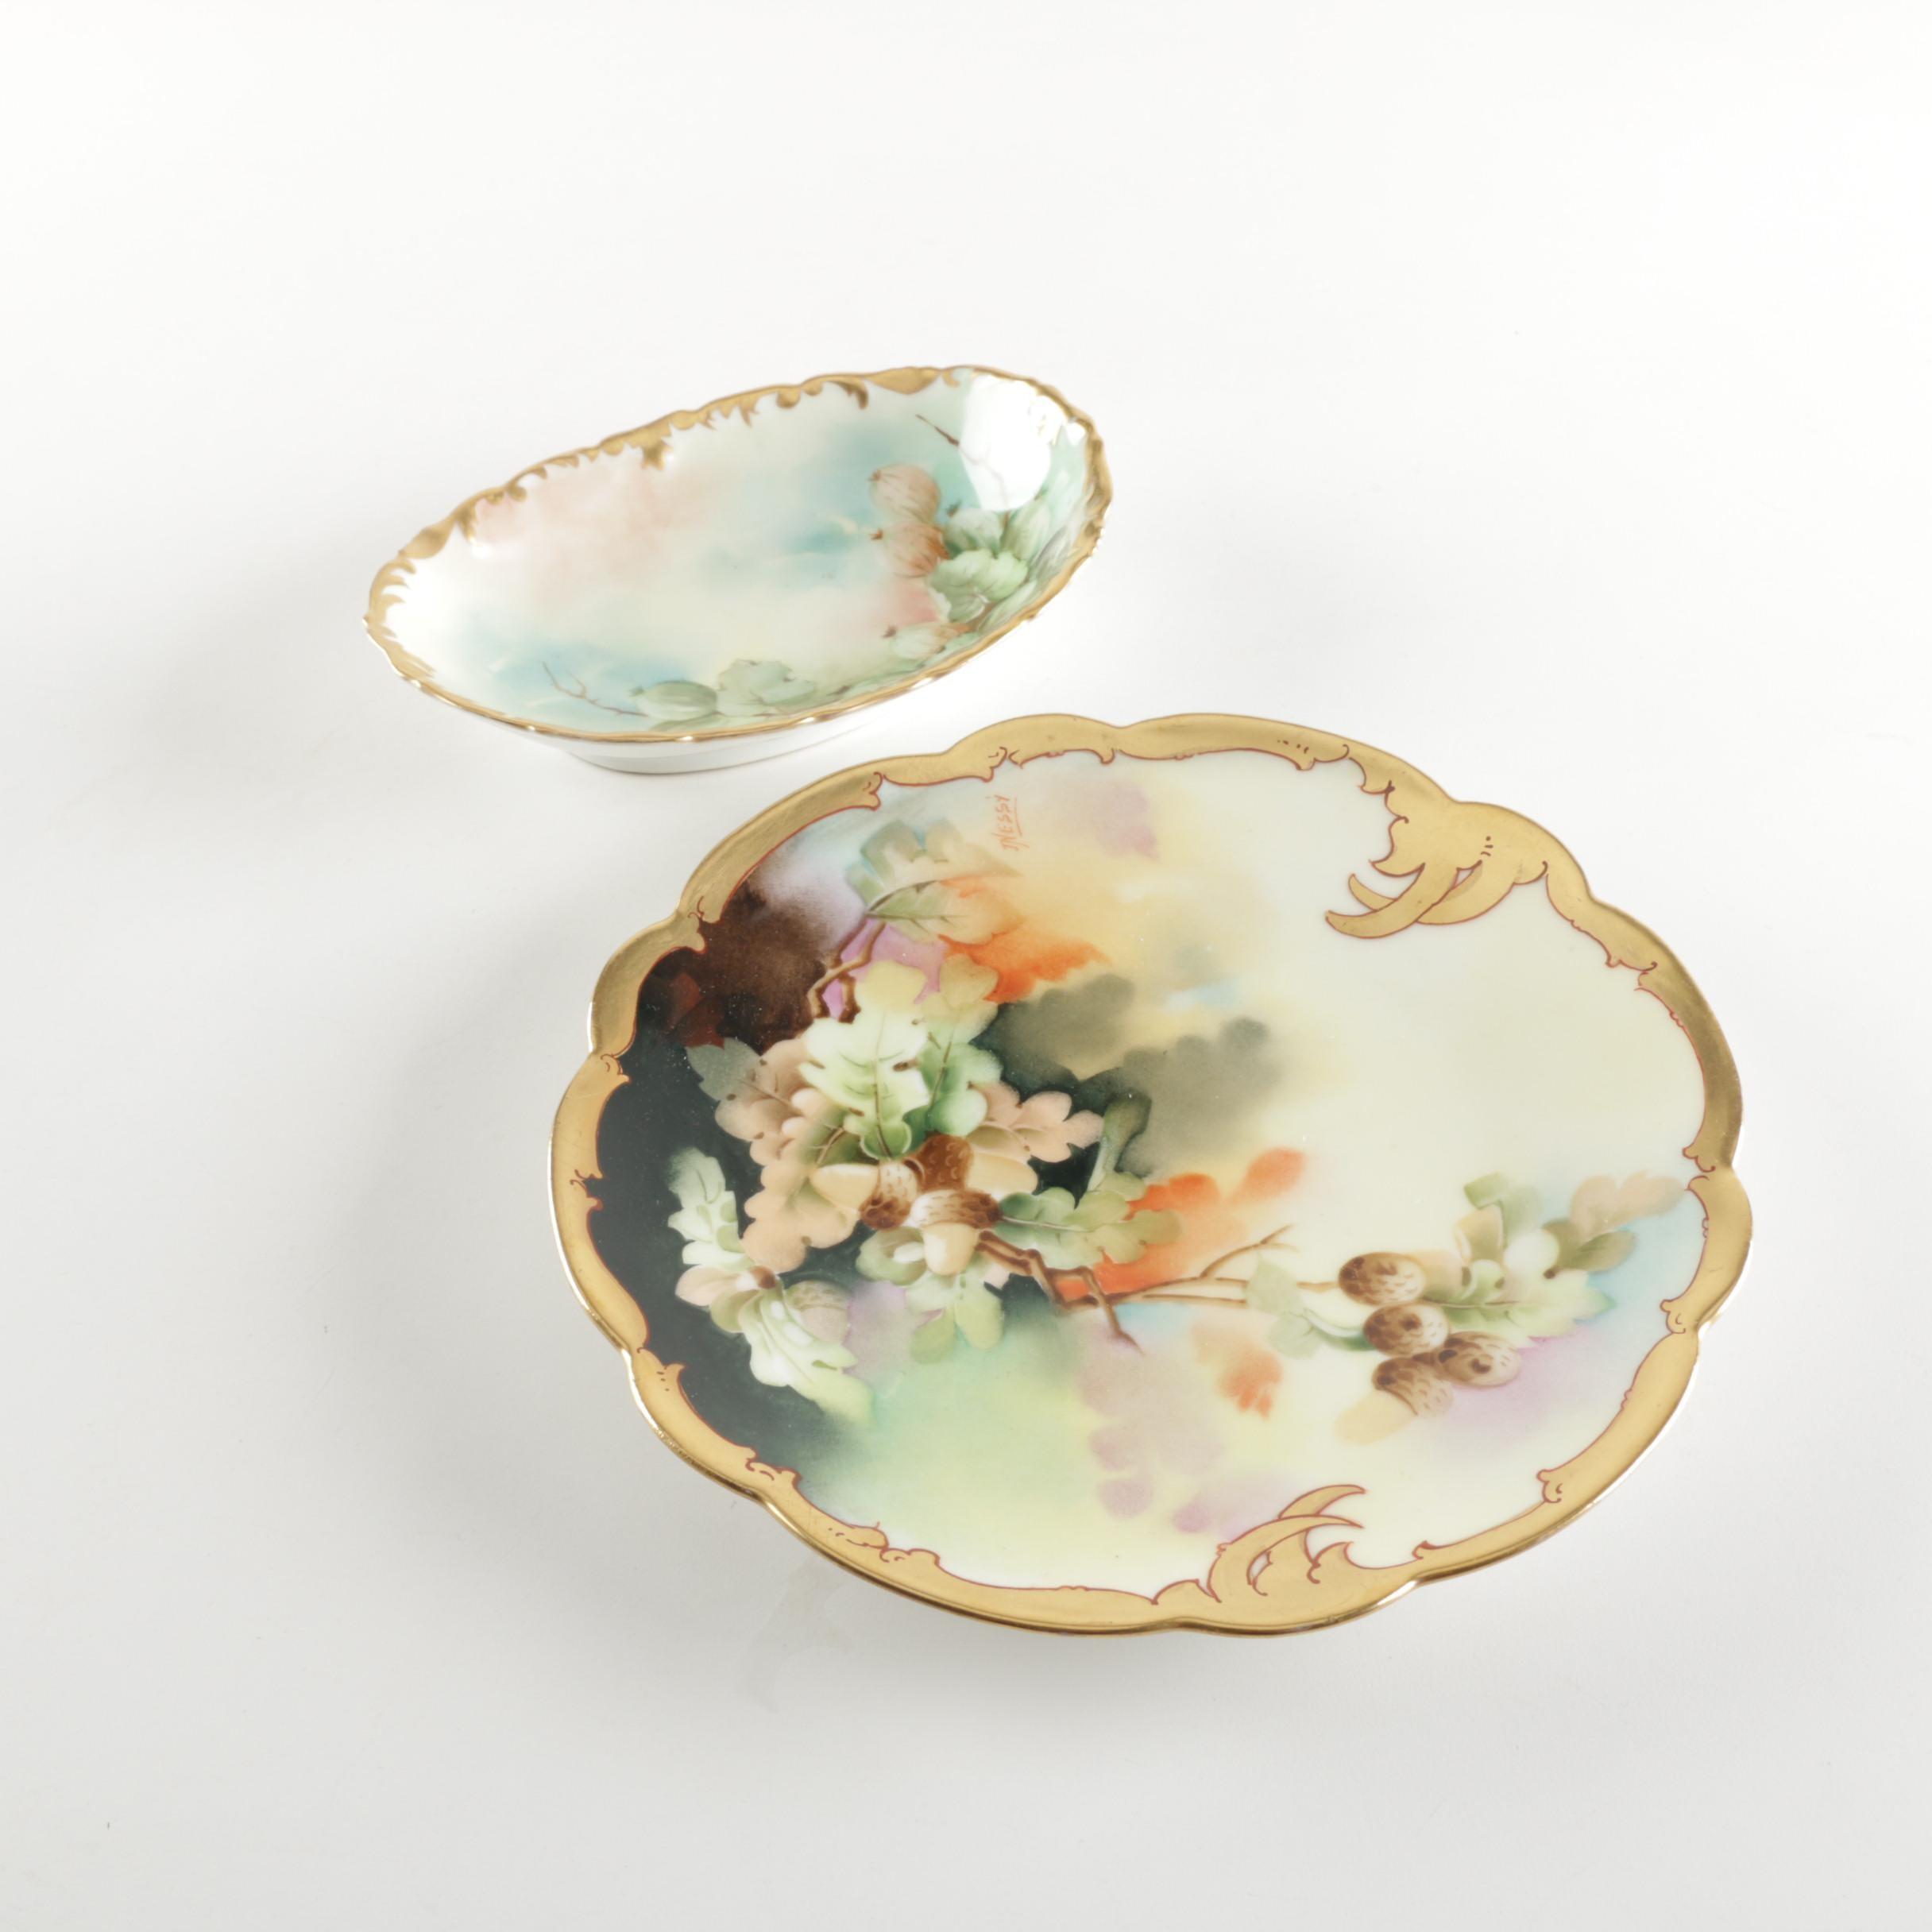 Antique Porcelain Tableware Featuring Tressemanes & Vogt Limoges